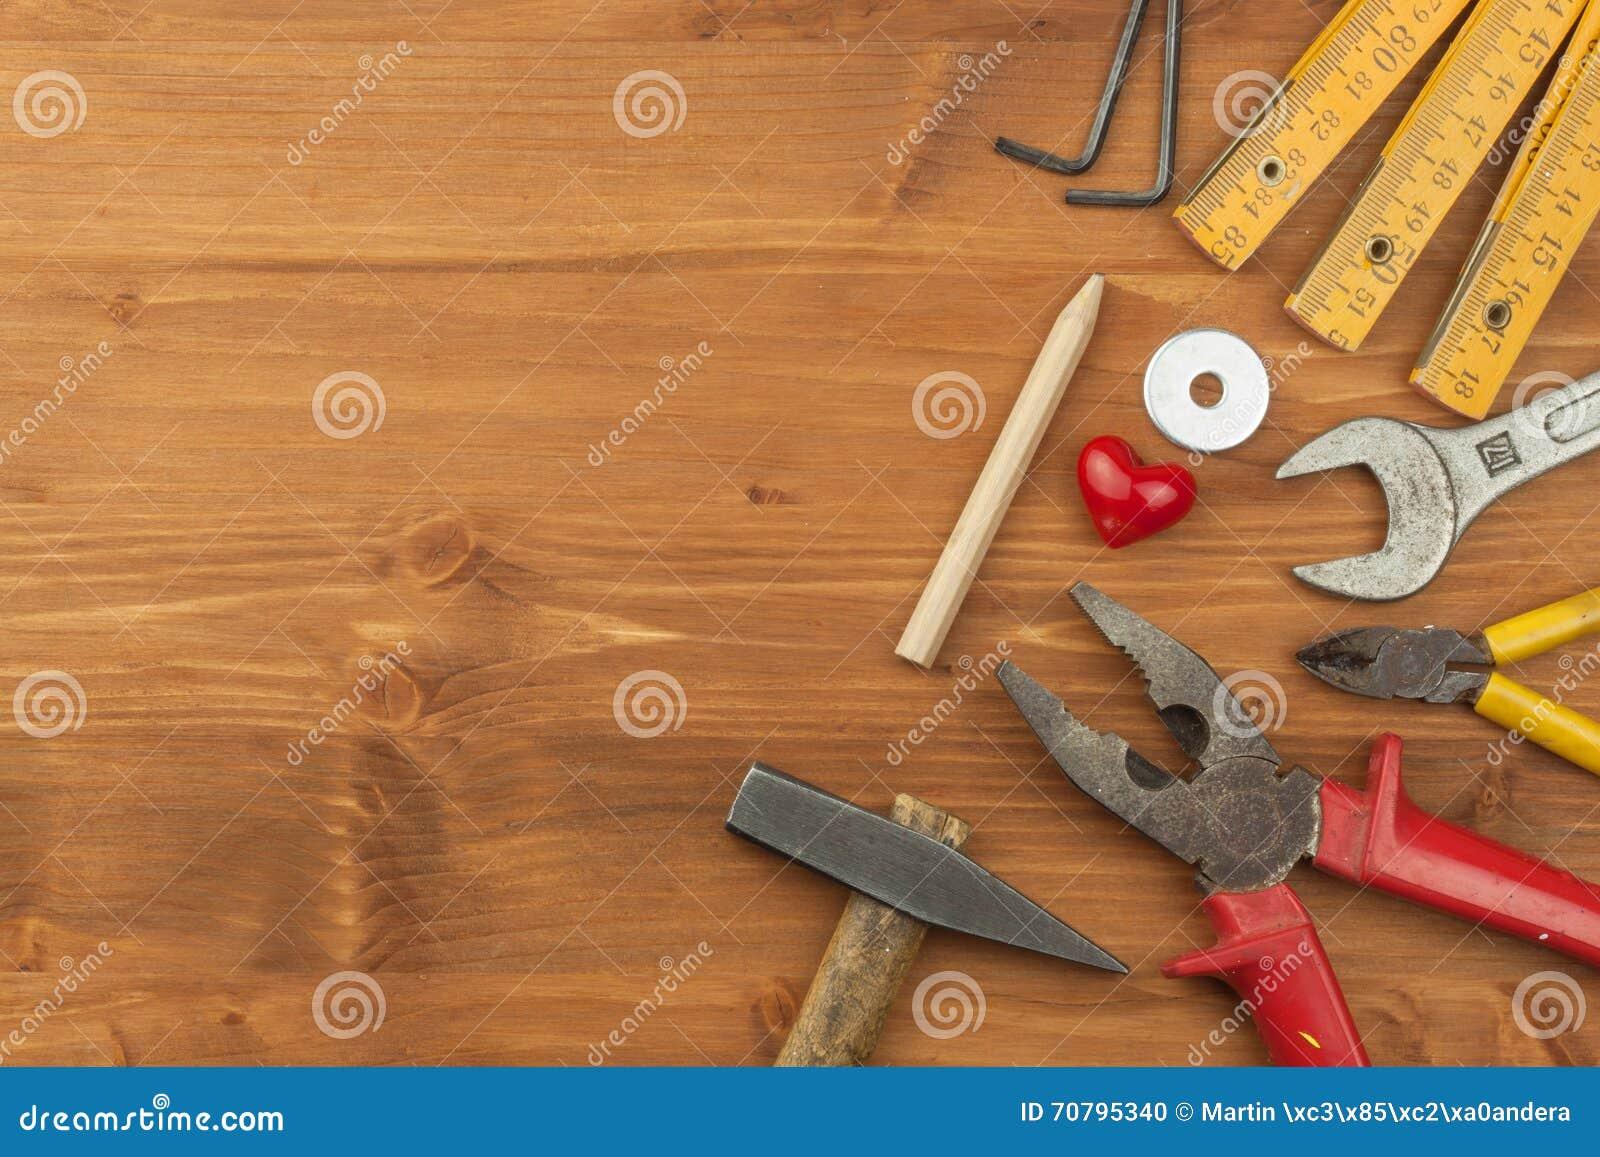 Σύνολο εργαλείων και οργάνων στο ξύλινο υπόβαθρο Διαφορετικά είδη εργαλείων για τις οικιακές μικροδουλειές βασικές επισκευές πατέ